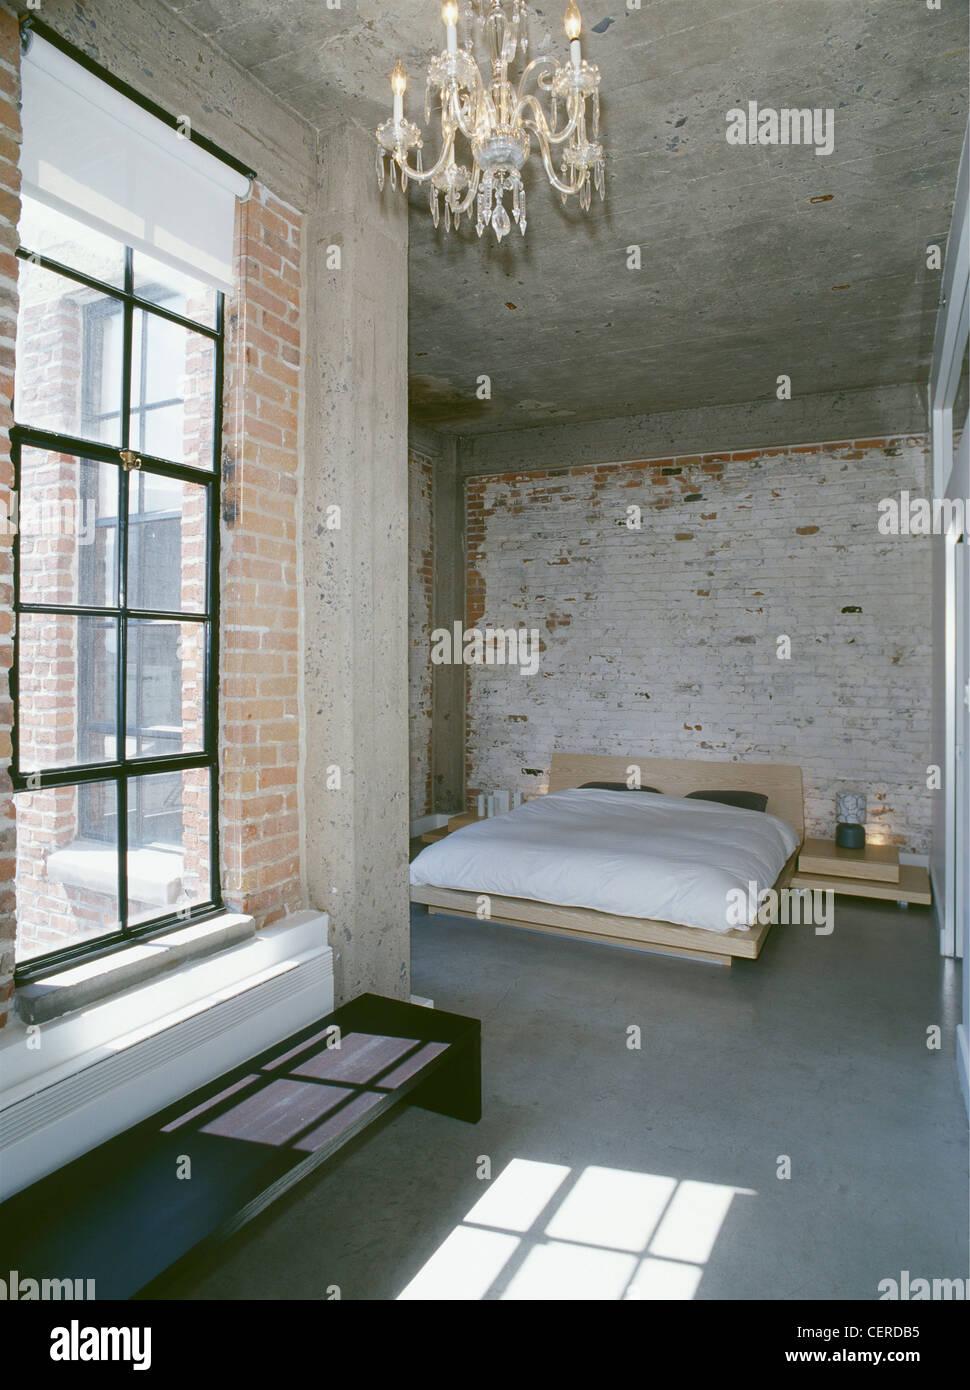 Ein Loft Räume Konvertierung Loftwohnungen In Unity Building Einer